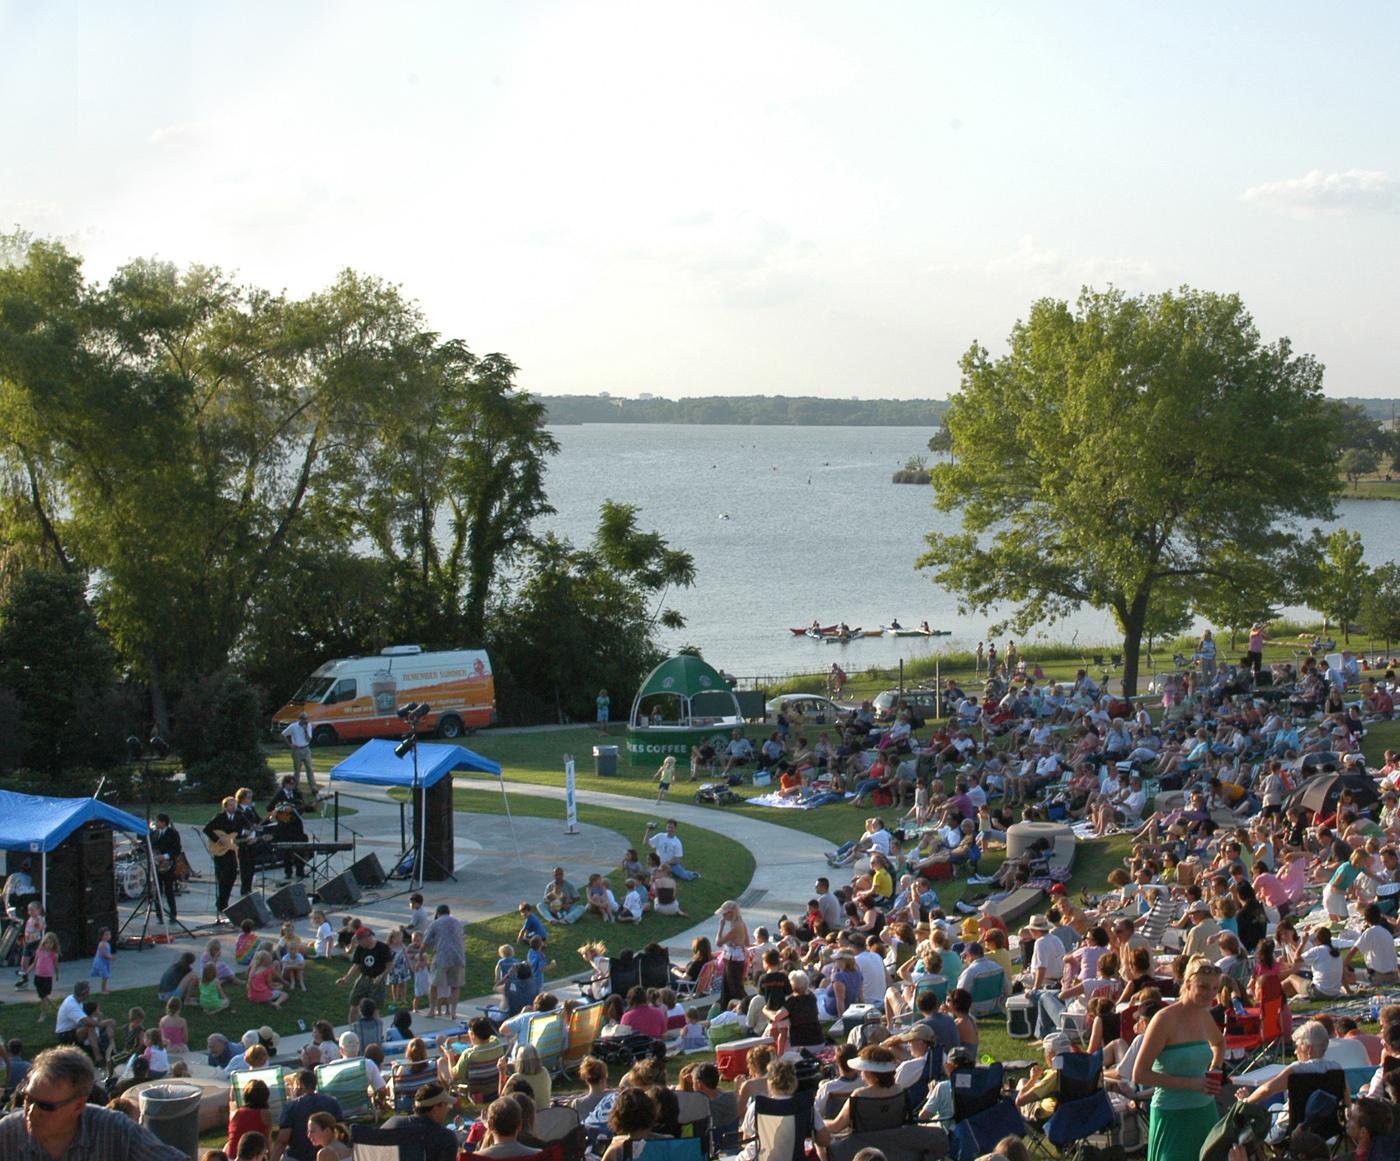 Concert_at_the_Arboretum.jpg